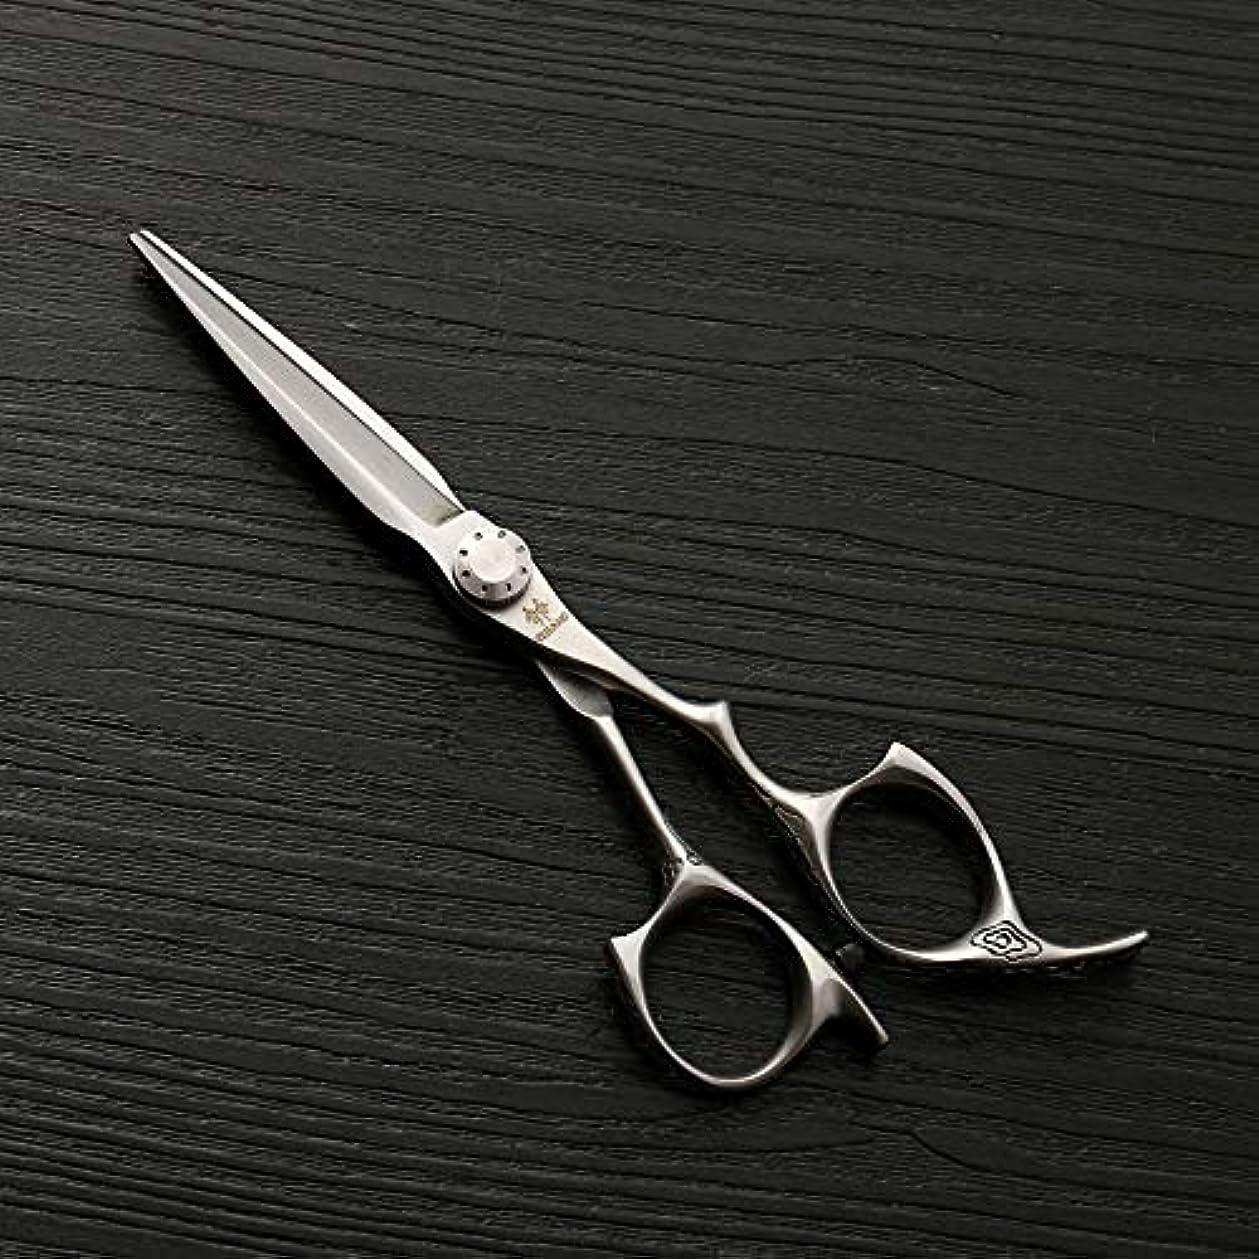 強調する相手解説HOTARUYiZi 散髪ハサミ カットバサミ セニング 散髪はさみ すきバサミ プロ ヘアカット カットシザー 品質保証 耐久性 美容院 専門カット 5.5インチ 髪カット (色 : Silver)